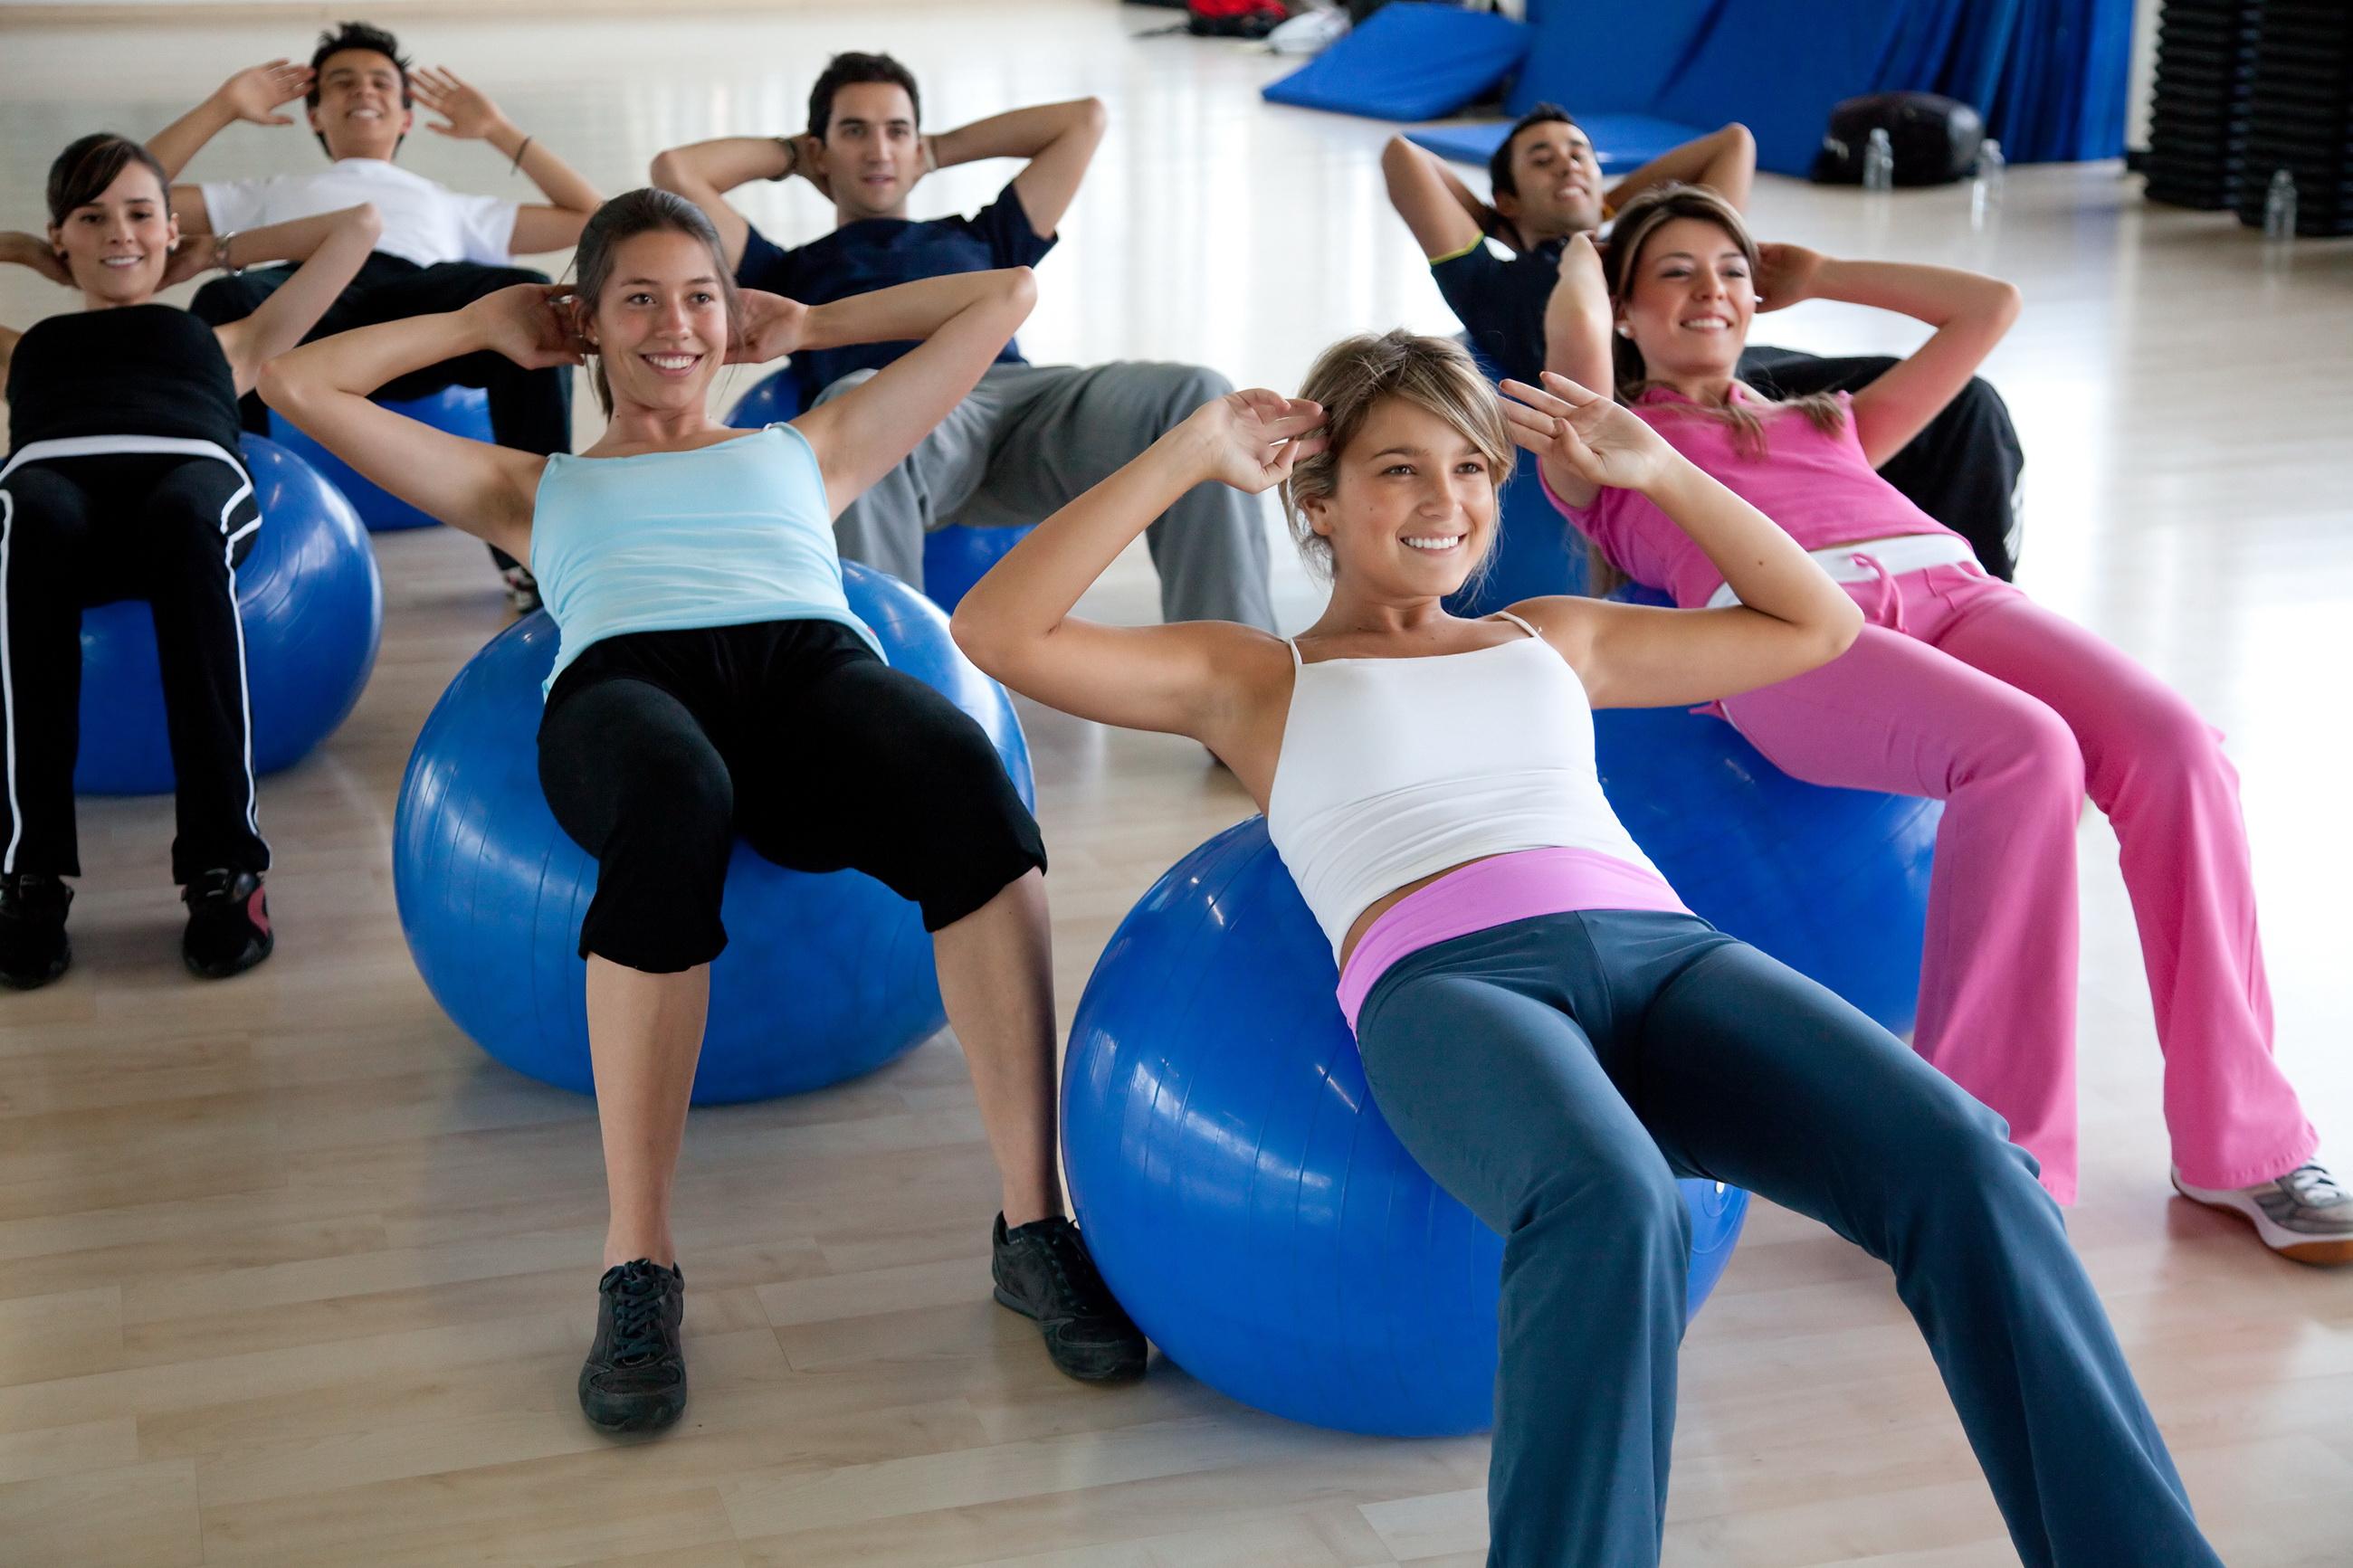 Pilates Classes in Libertyville IL  Orinoco Fitness